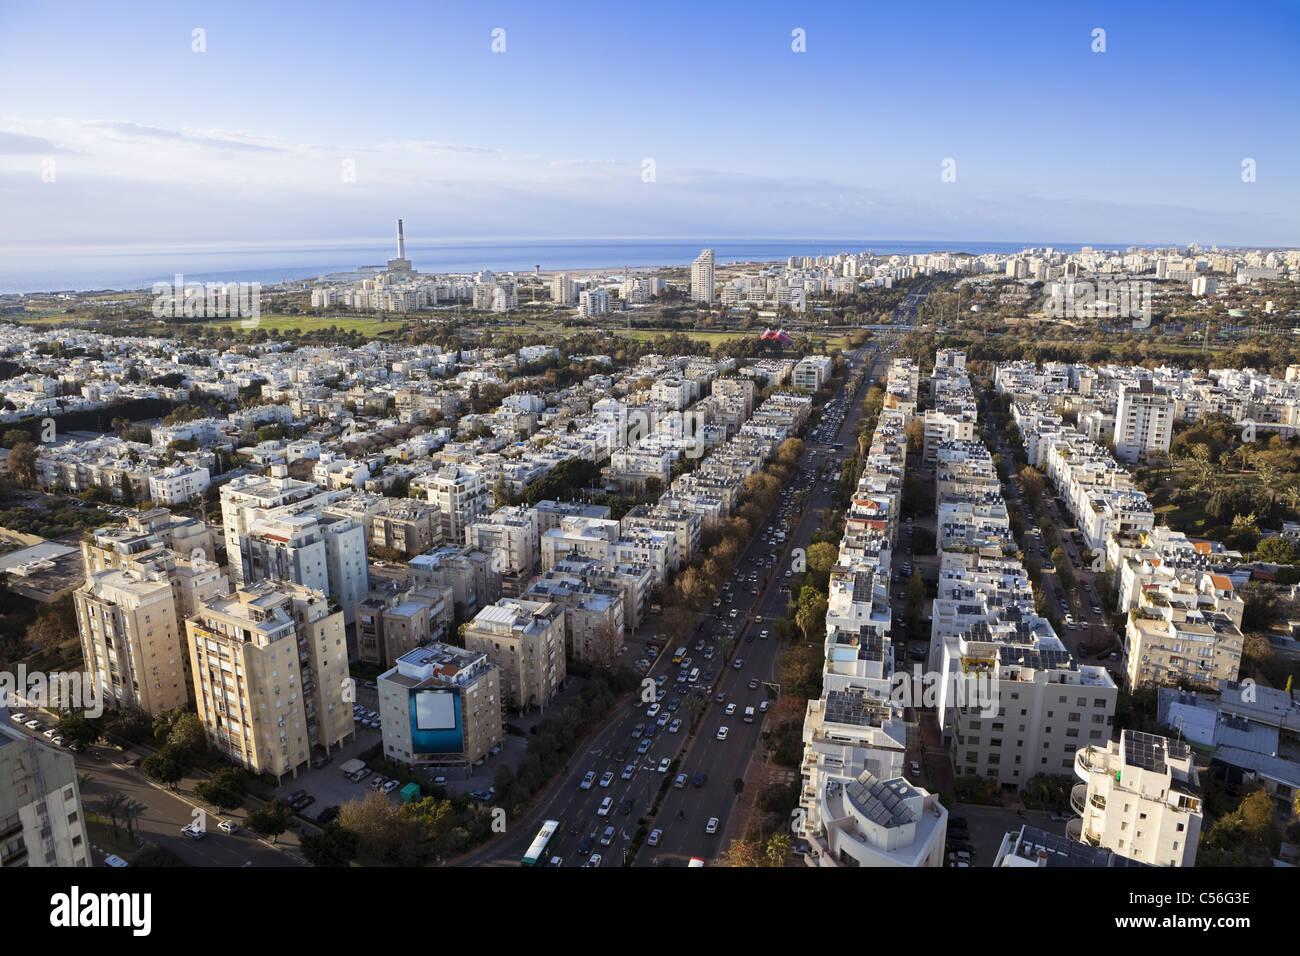 Tel Aviv skyline / Aerial view of Tel Aviv - Stock Image